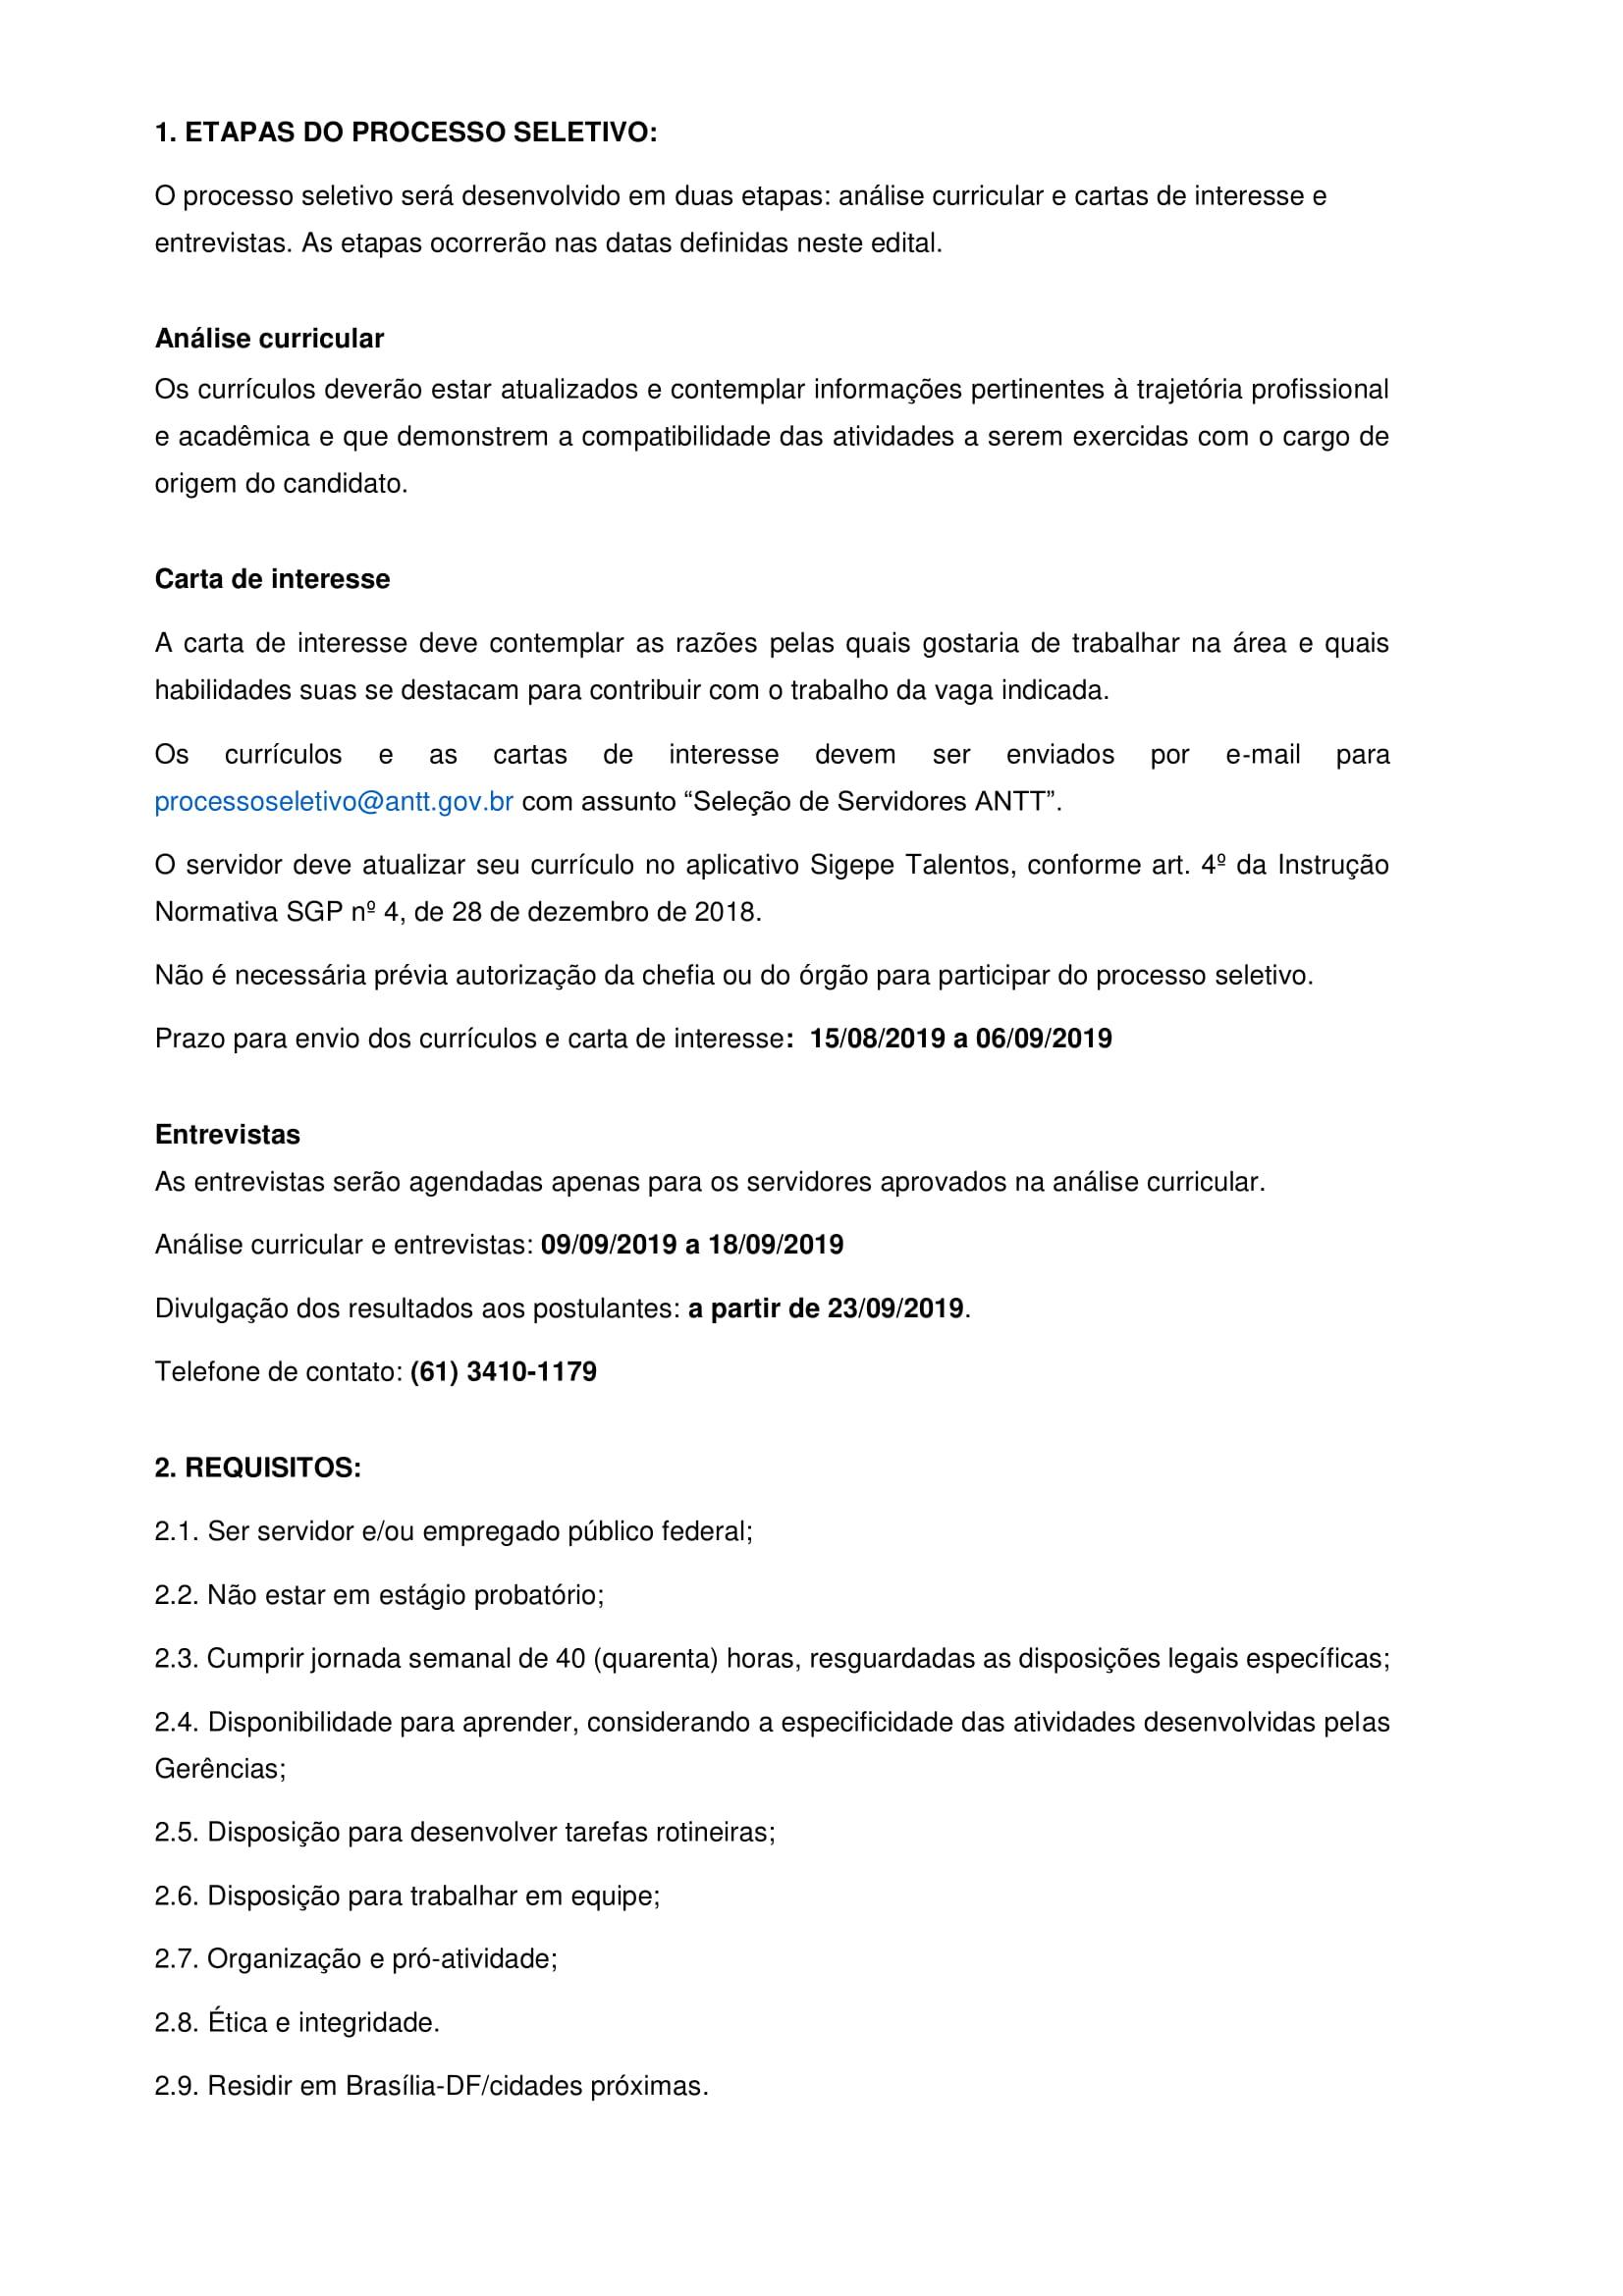 EDITAL_ANTT_PROCESSO_SELETIVO_MOVIMENTACAO_DE_SERVIDOR_07082019-2